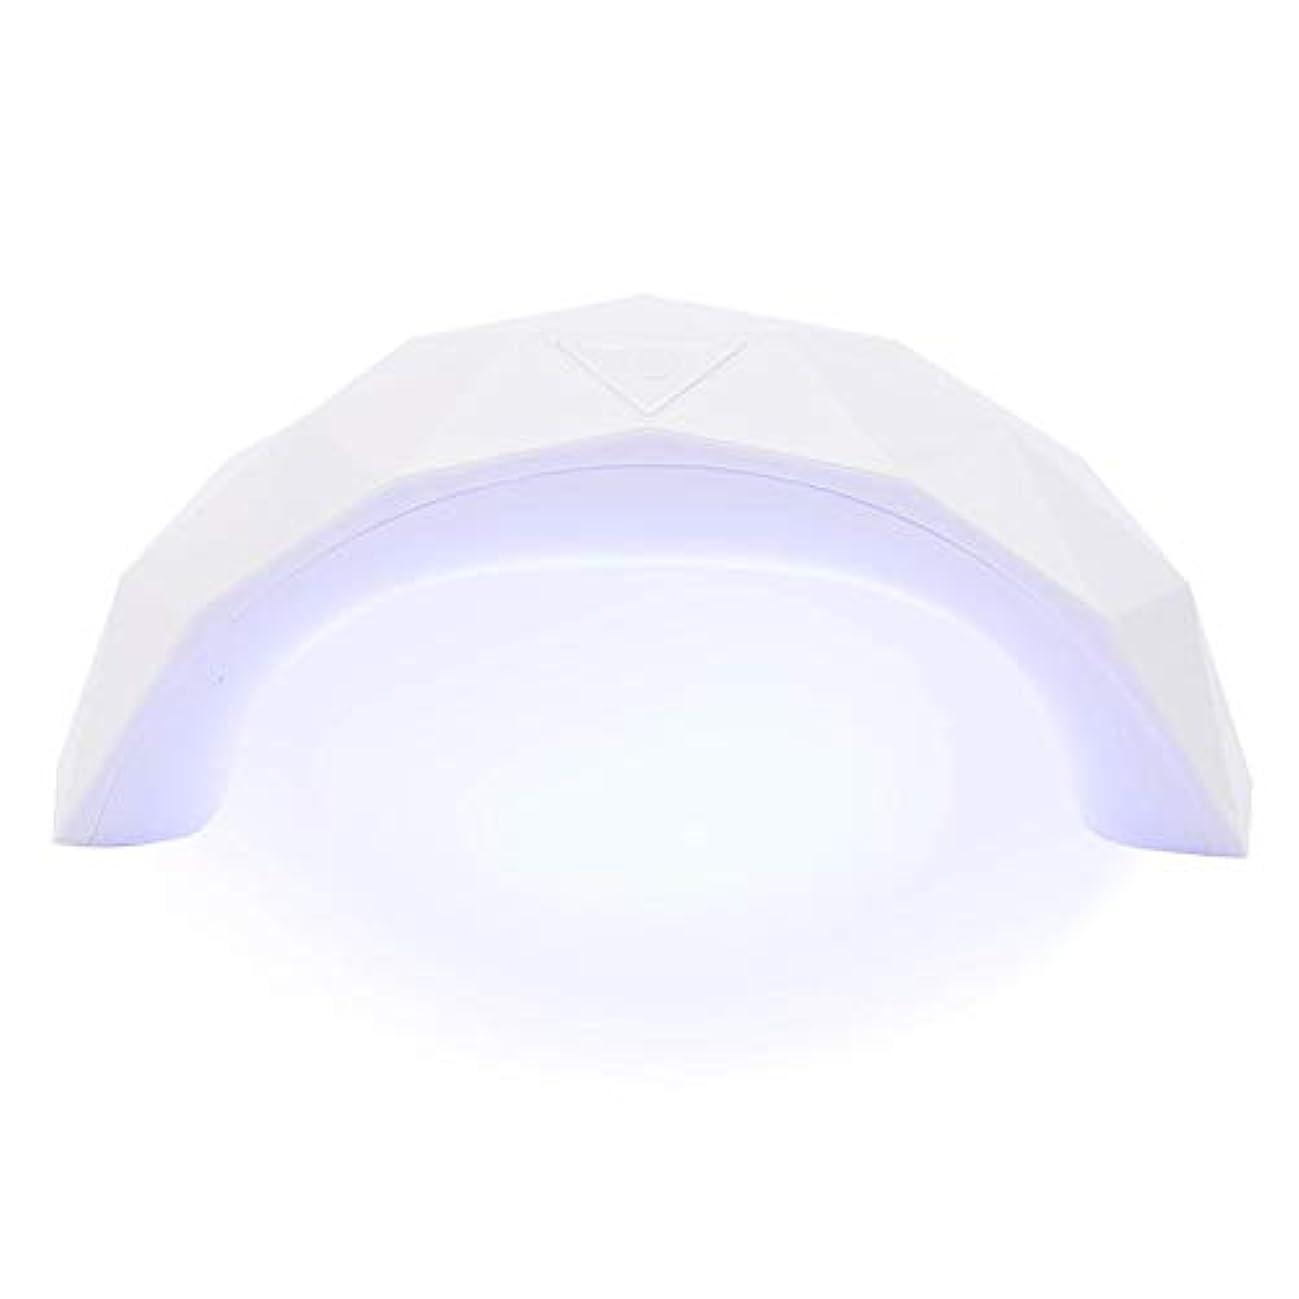 デコードするボイド苦い硬化用ライト 9W  LED UV ネイルドライヤー 赤外線美白機能付き スマートライトミニ